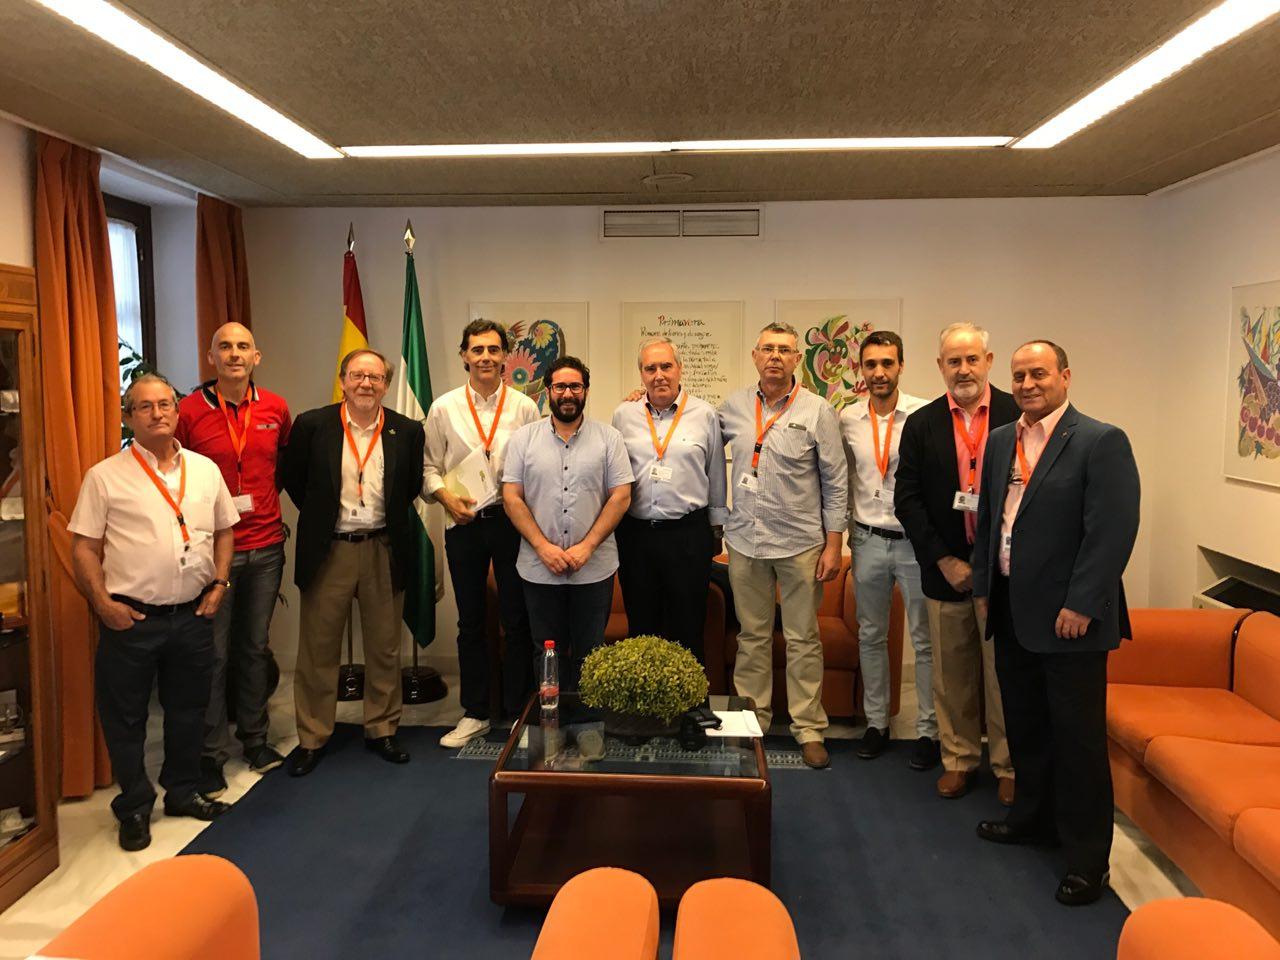 Comparecencia en el Parlamento de Andalucía de la Federación Andaluza en relación a la Proposición de Ley relativa a Caminos Públicos Rurales